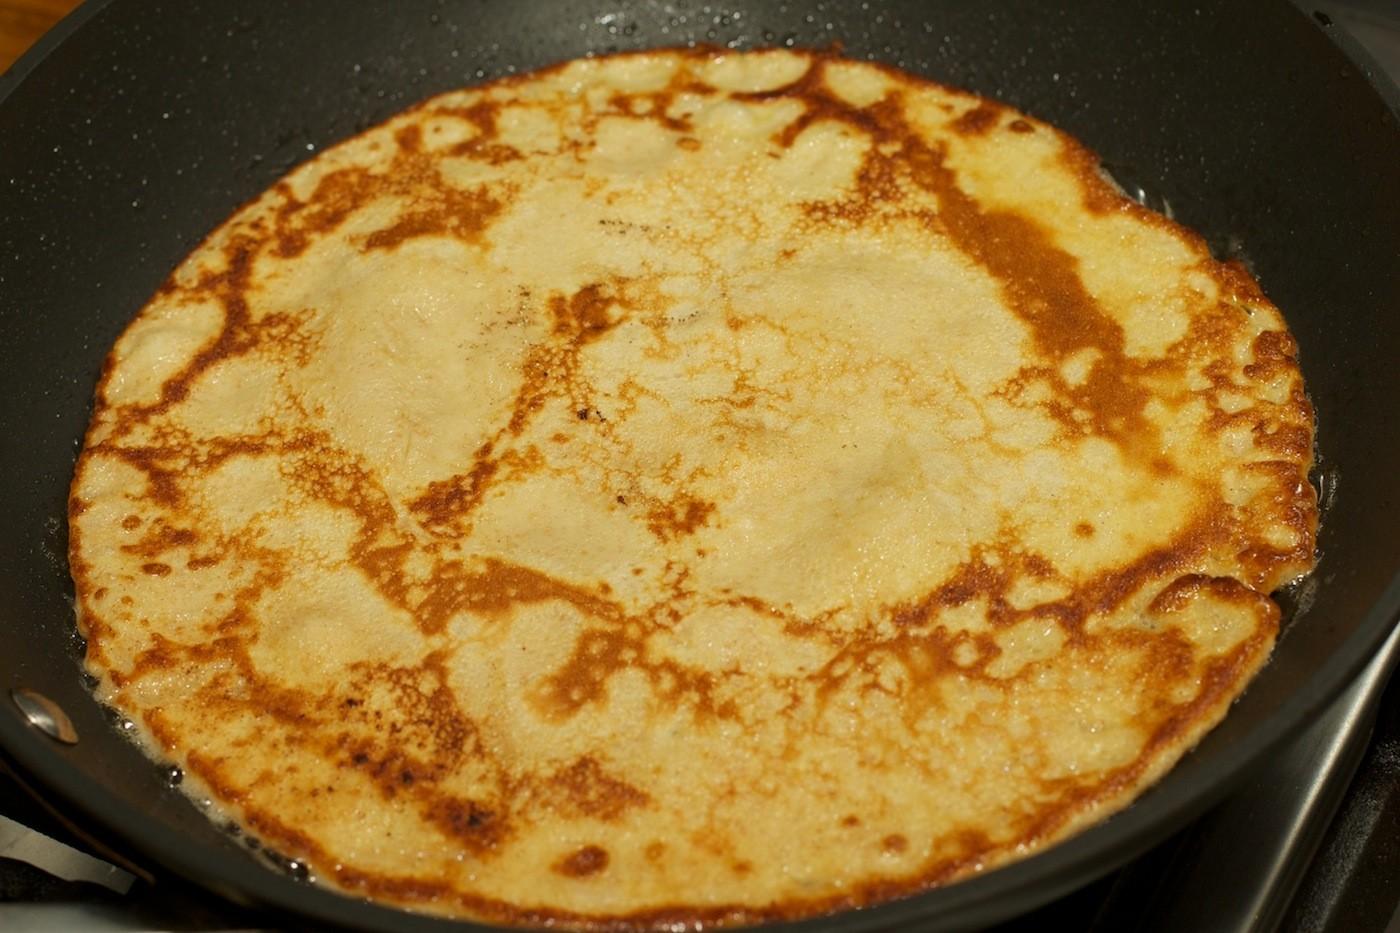 De lekkerste pannenkoeken